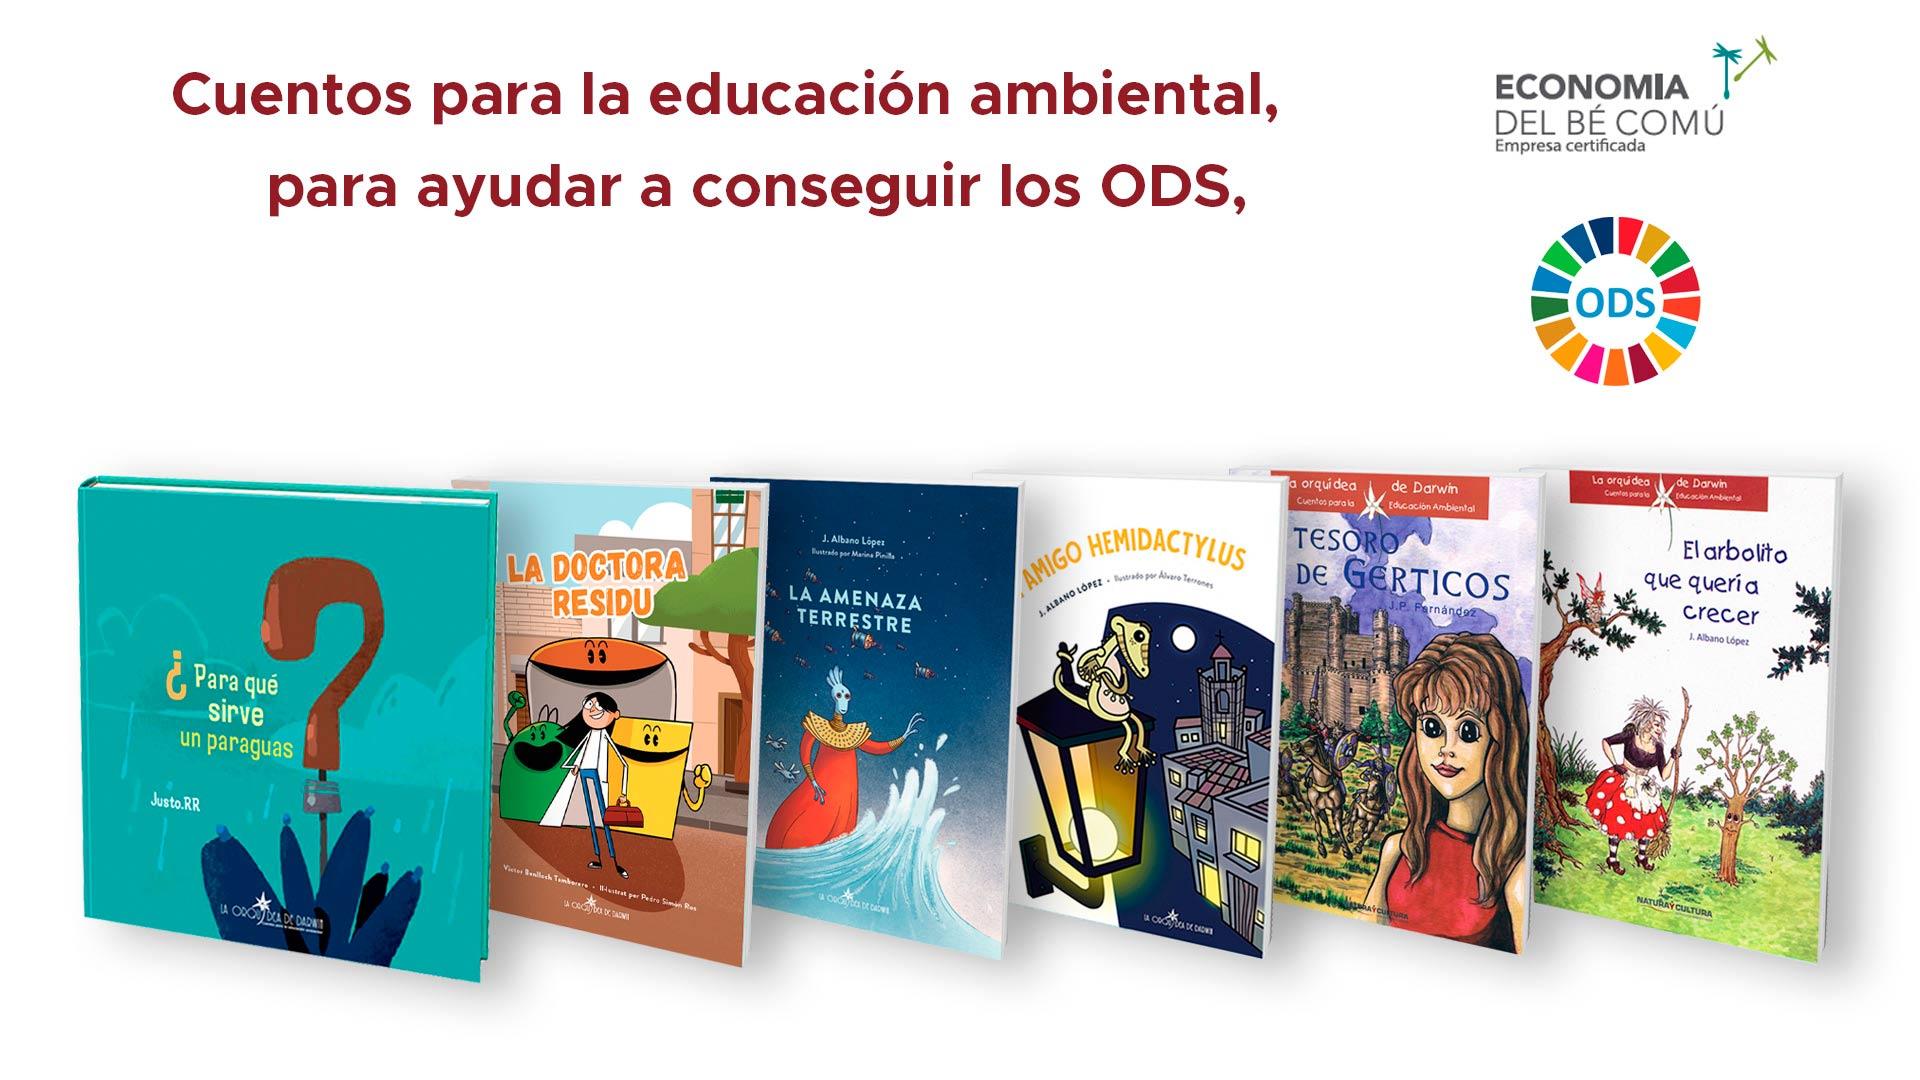 inicio cuentos educacion ambiental 2